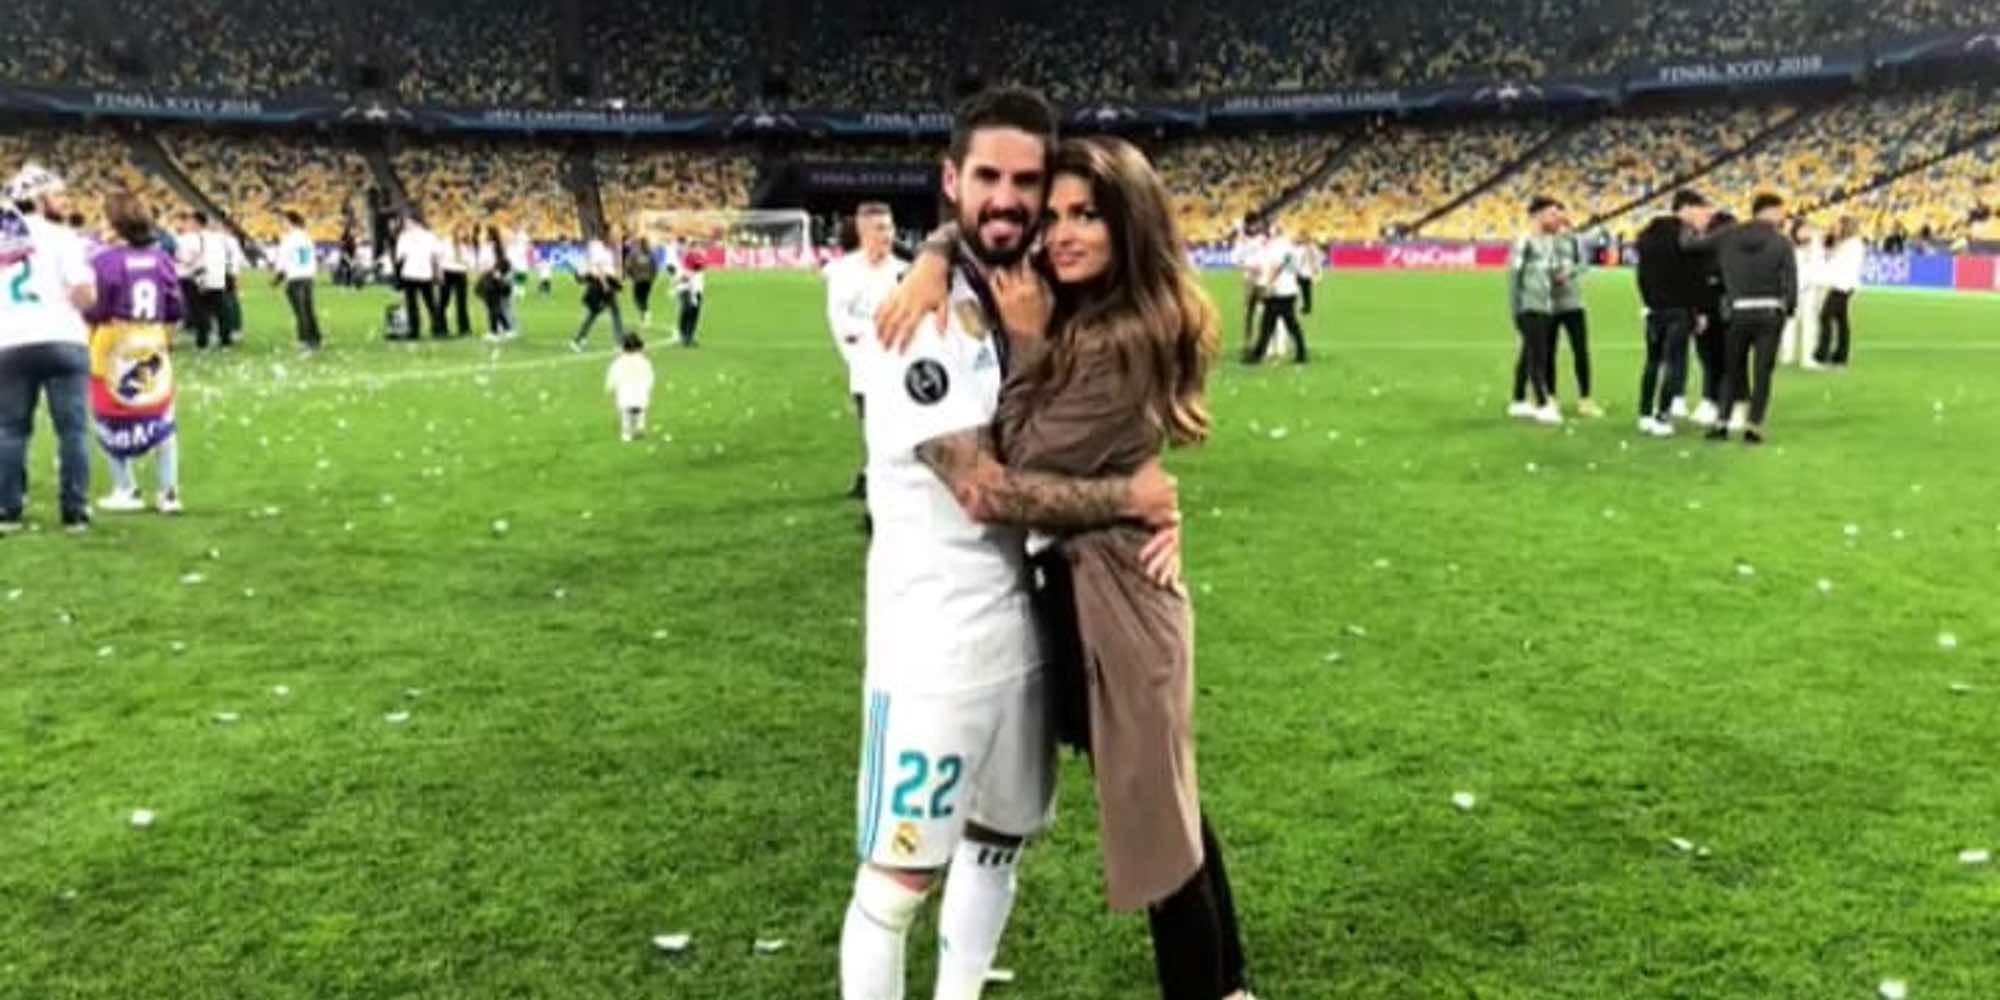 Sara Sálamo y Adriana Pozueco, 'pelea' de 'chaqueteras' en la celebración de la Champions 2018 del Real Madrid